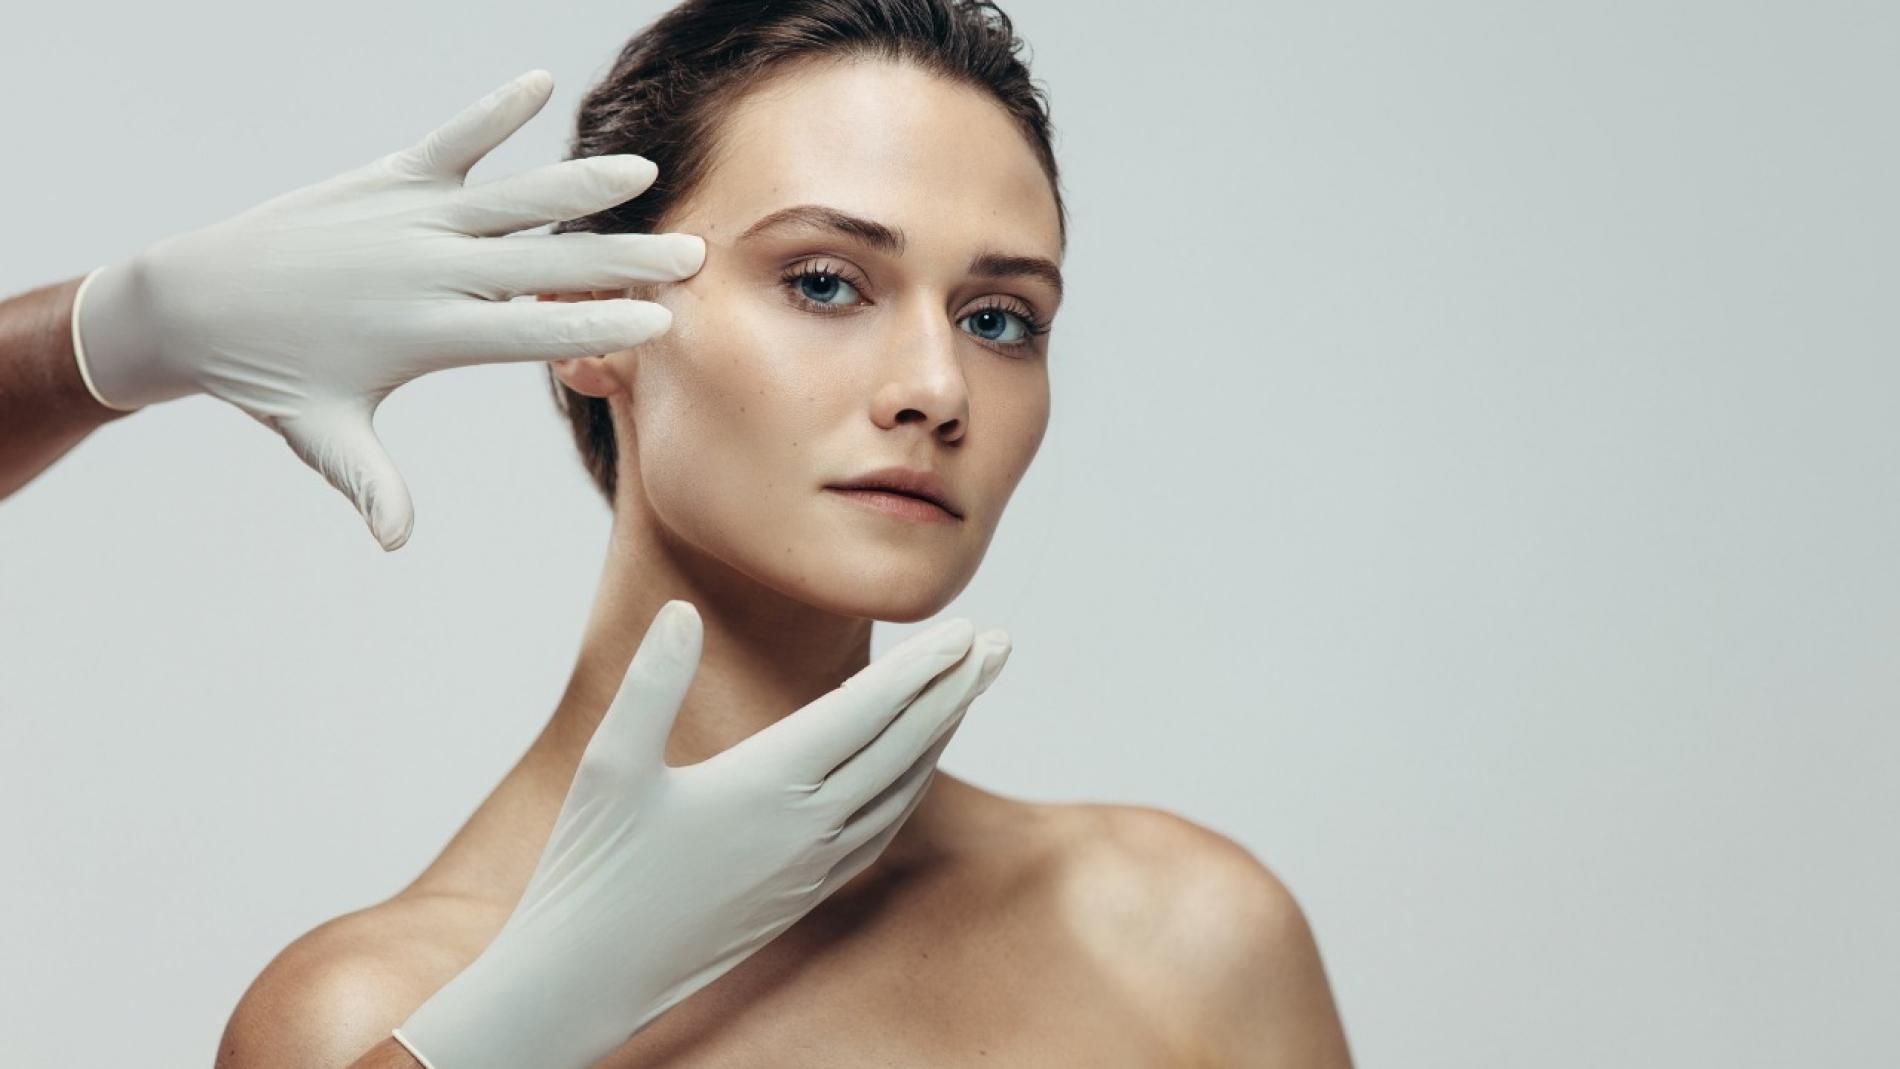 clinica de cirurgia plastica em santos dra ana lucia lemos bioestimulador de colageno 2